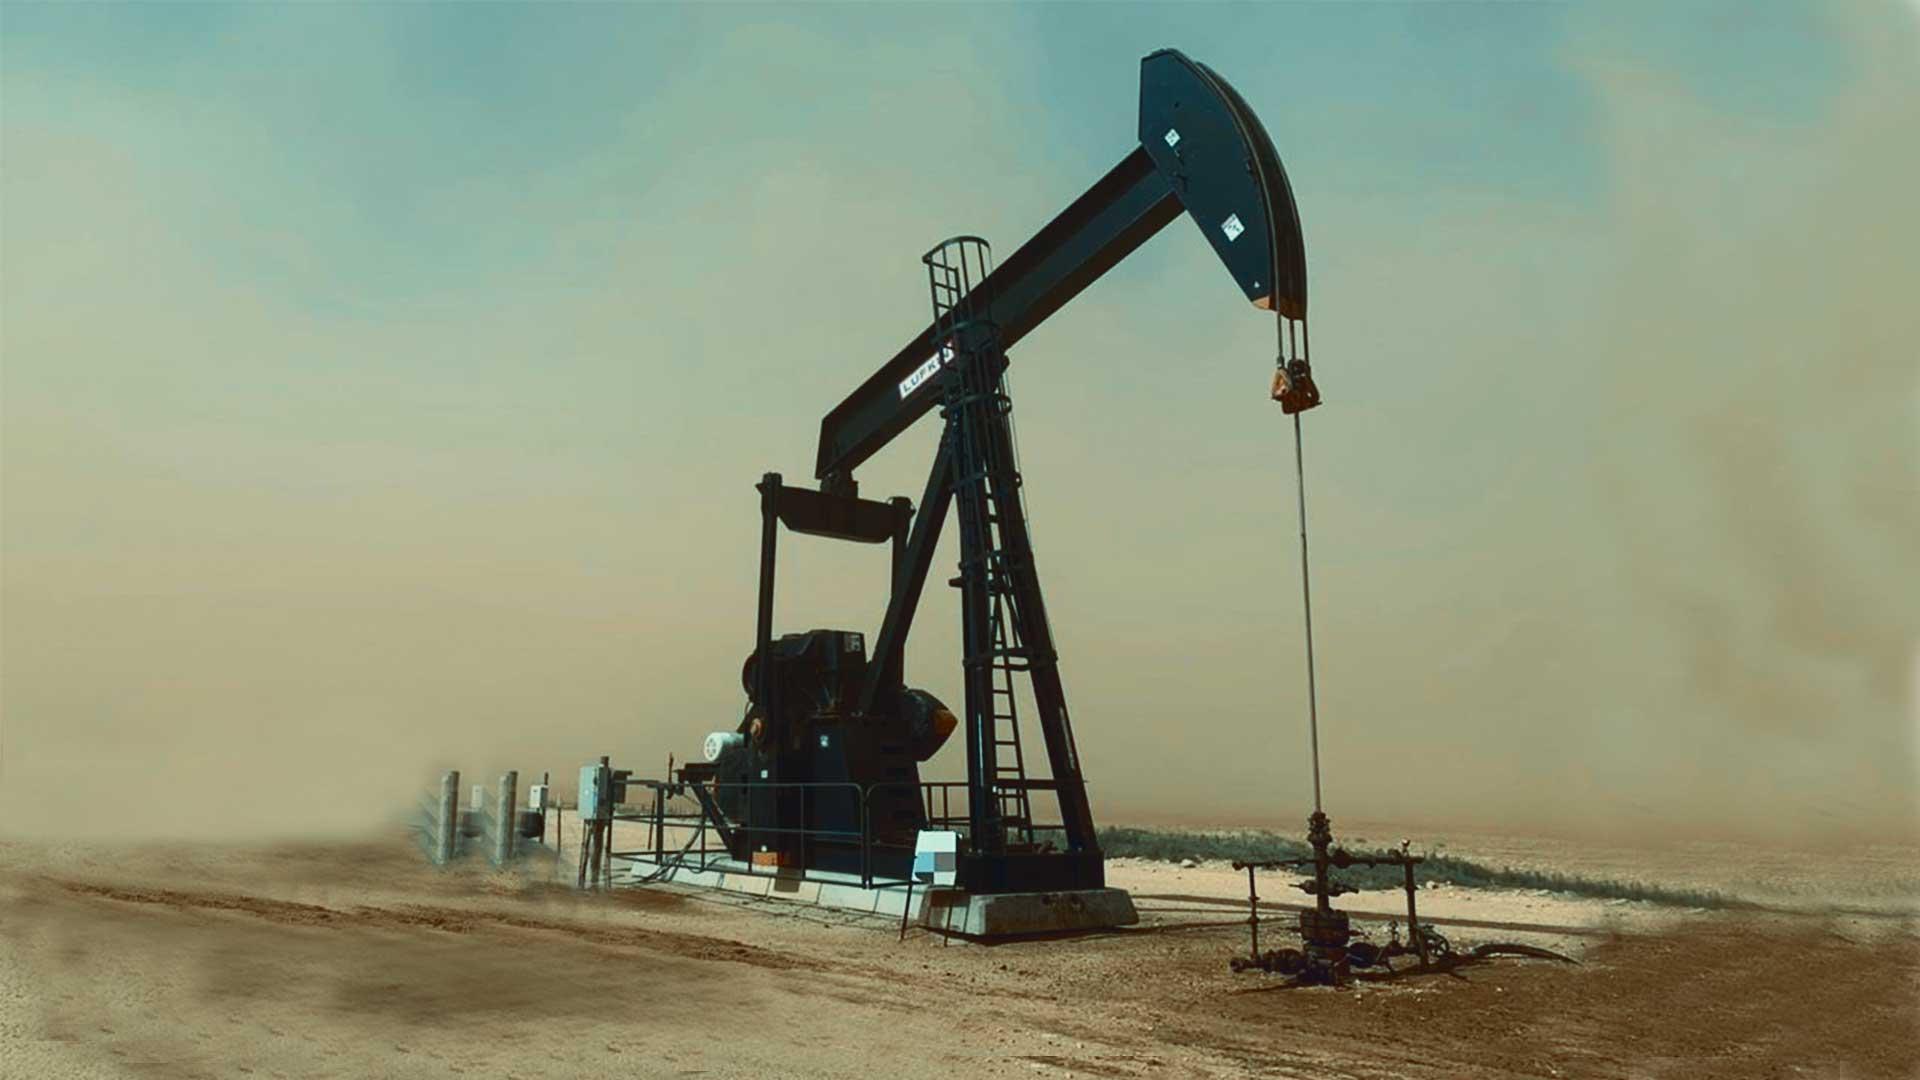 En Büyük Petrol Rezervine Sahip Ülkeler?fit=thumb&w=418&h=152&q=80